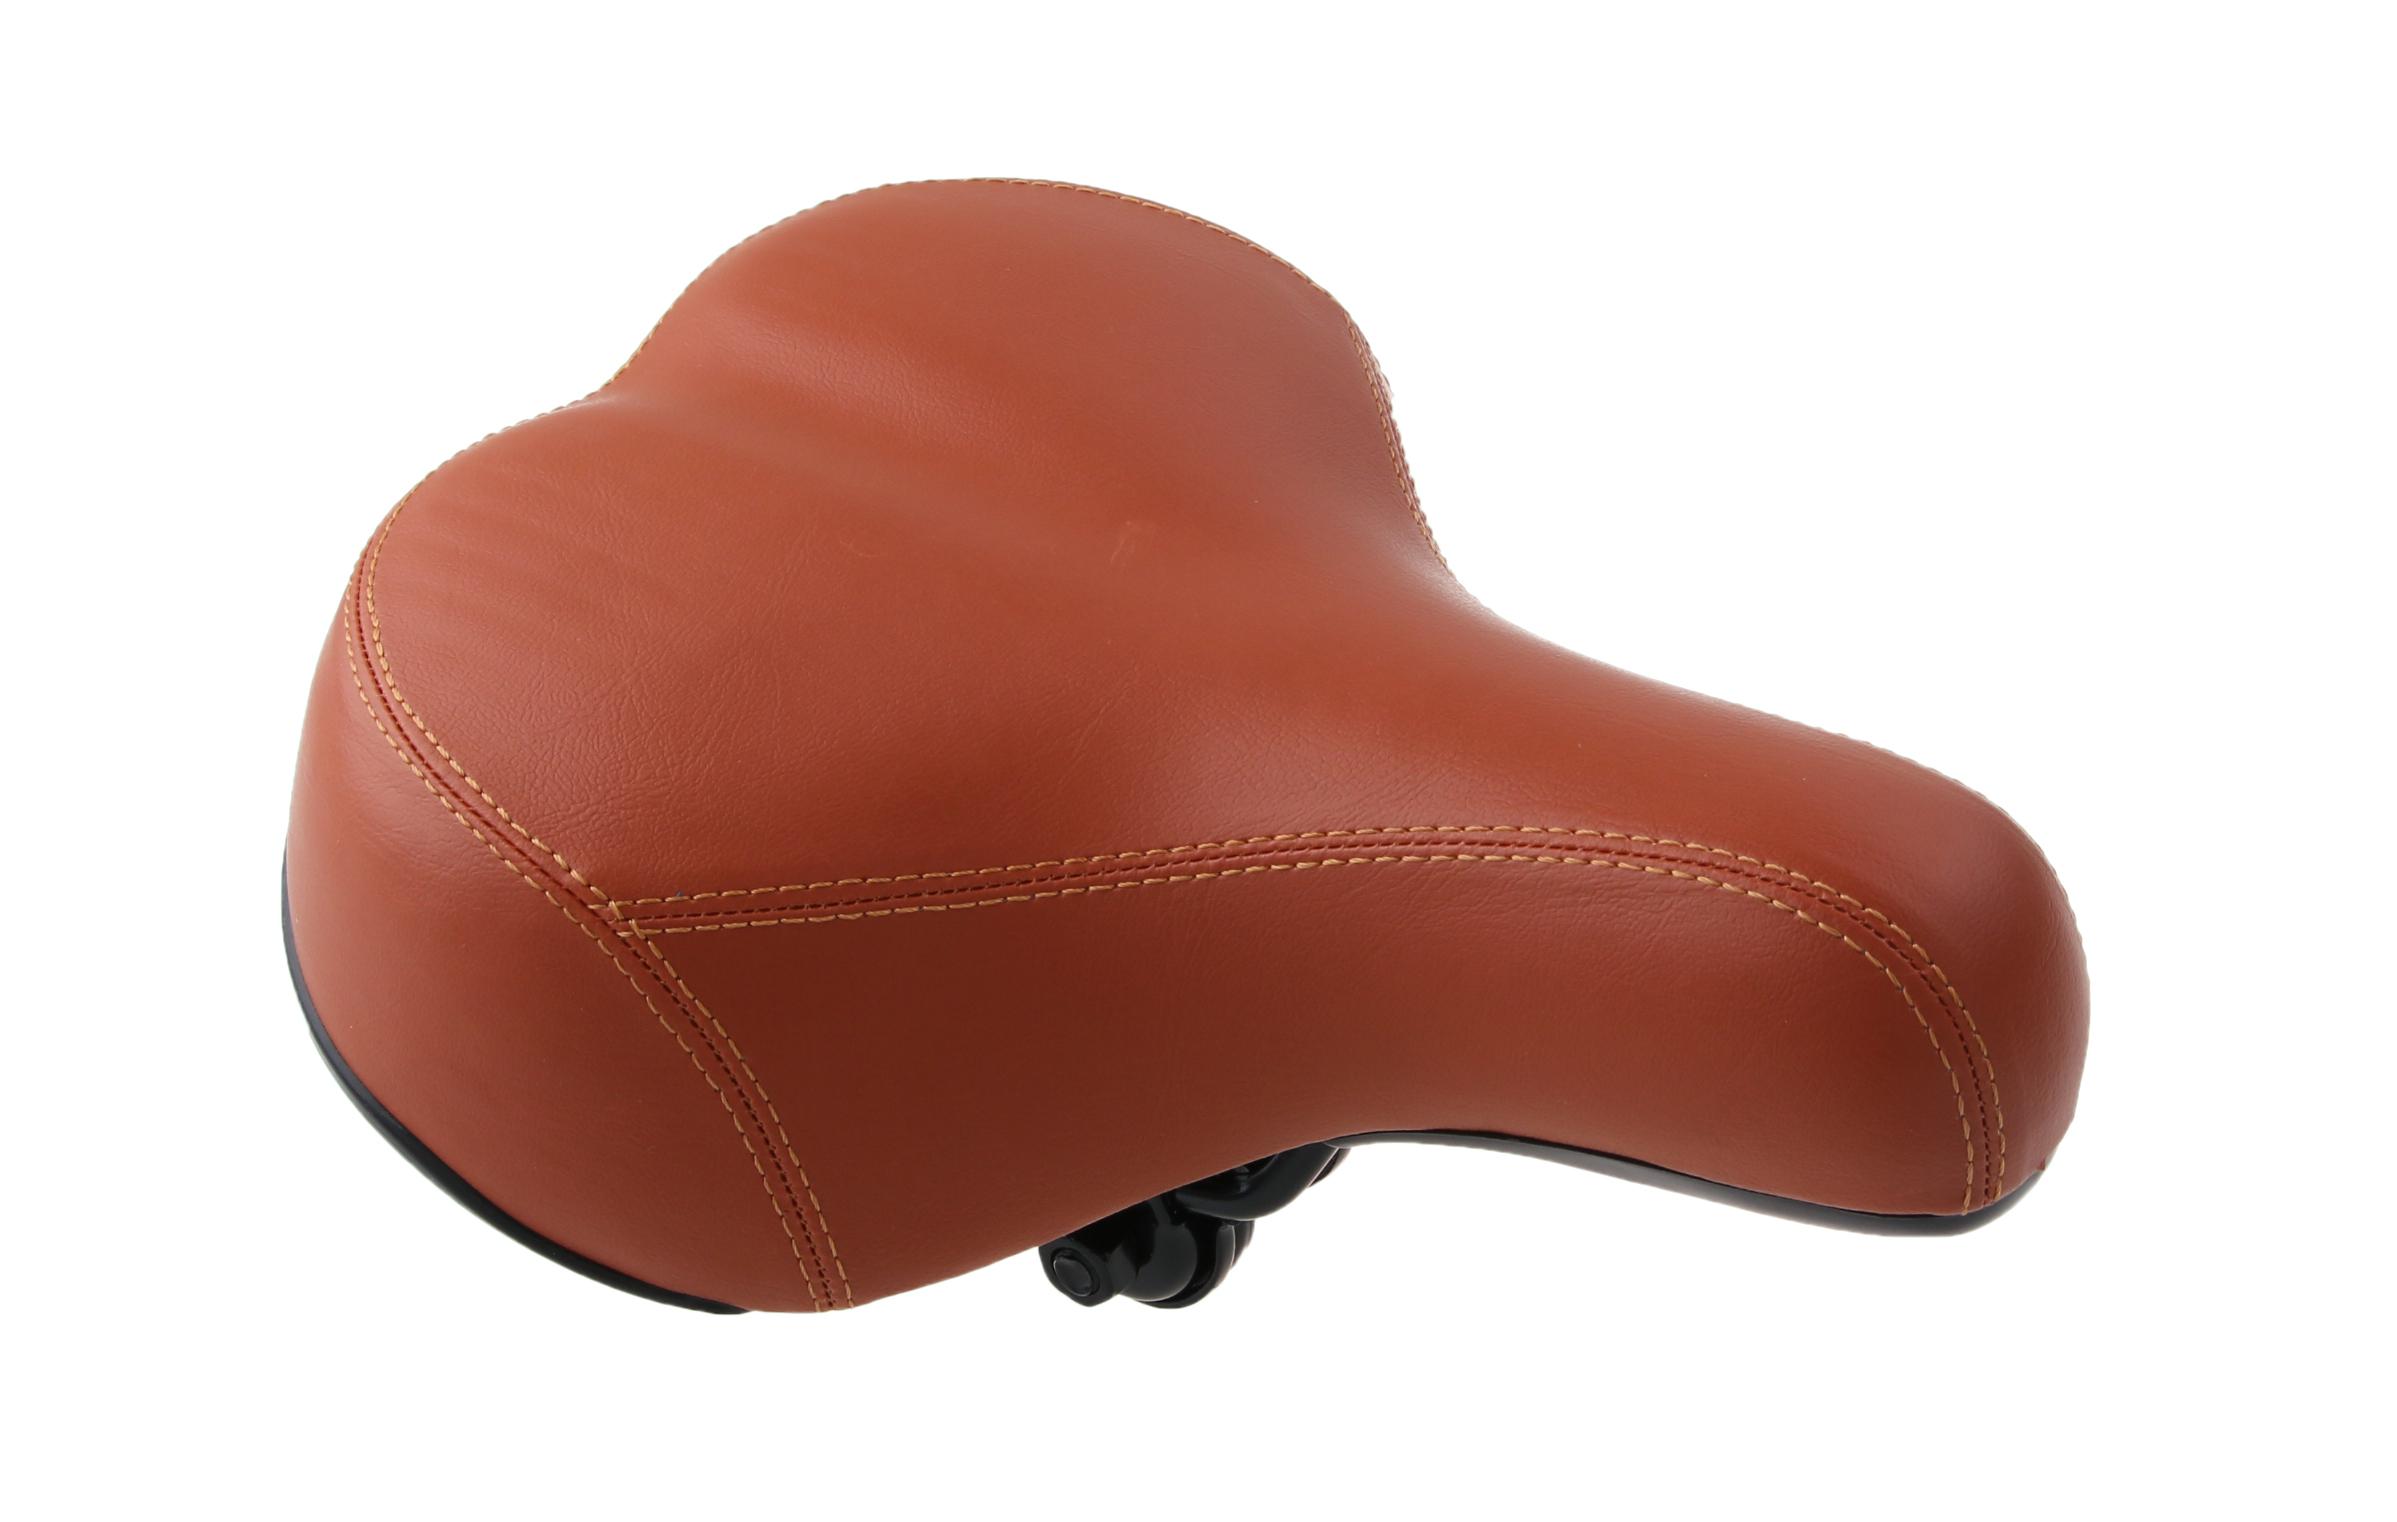 benson 11548 komfort gelsattel fahrradsattel sattel. Black Bedroom Furniture Sets. Home Design Ideas